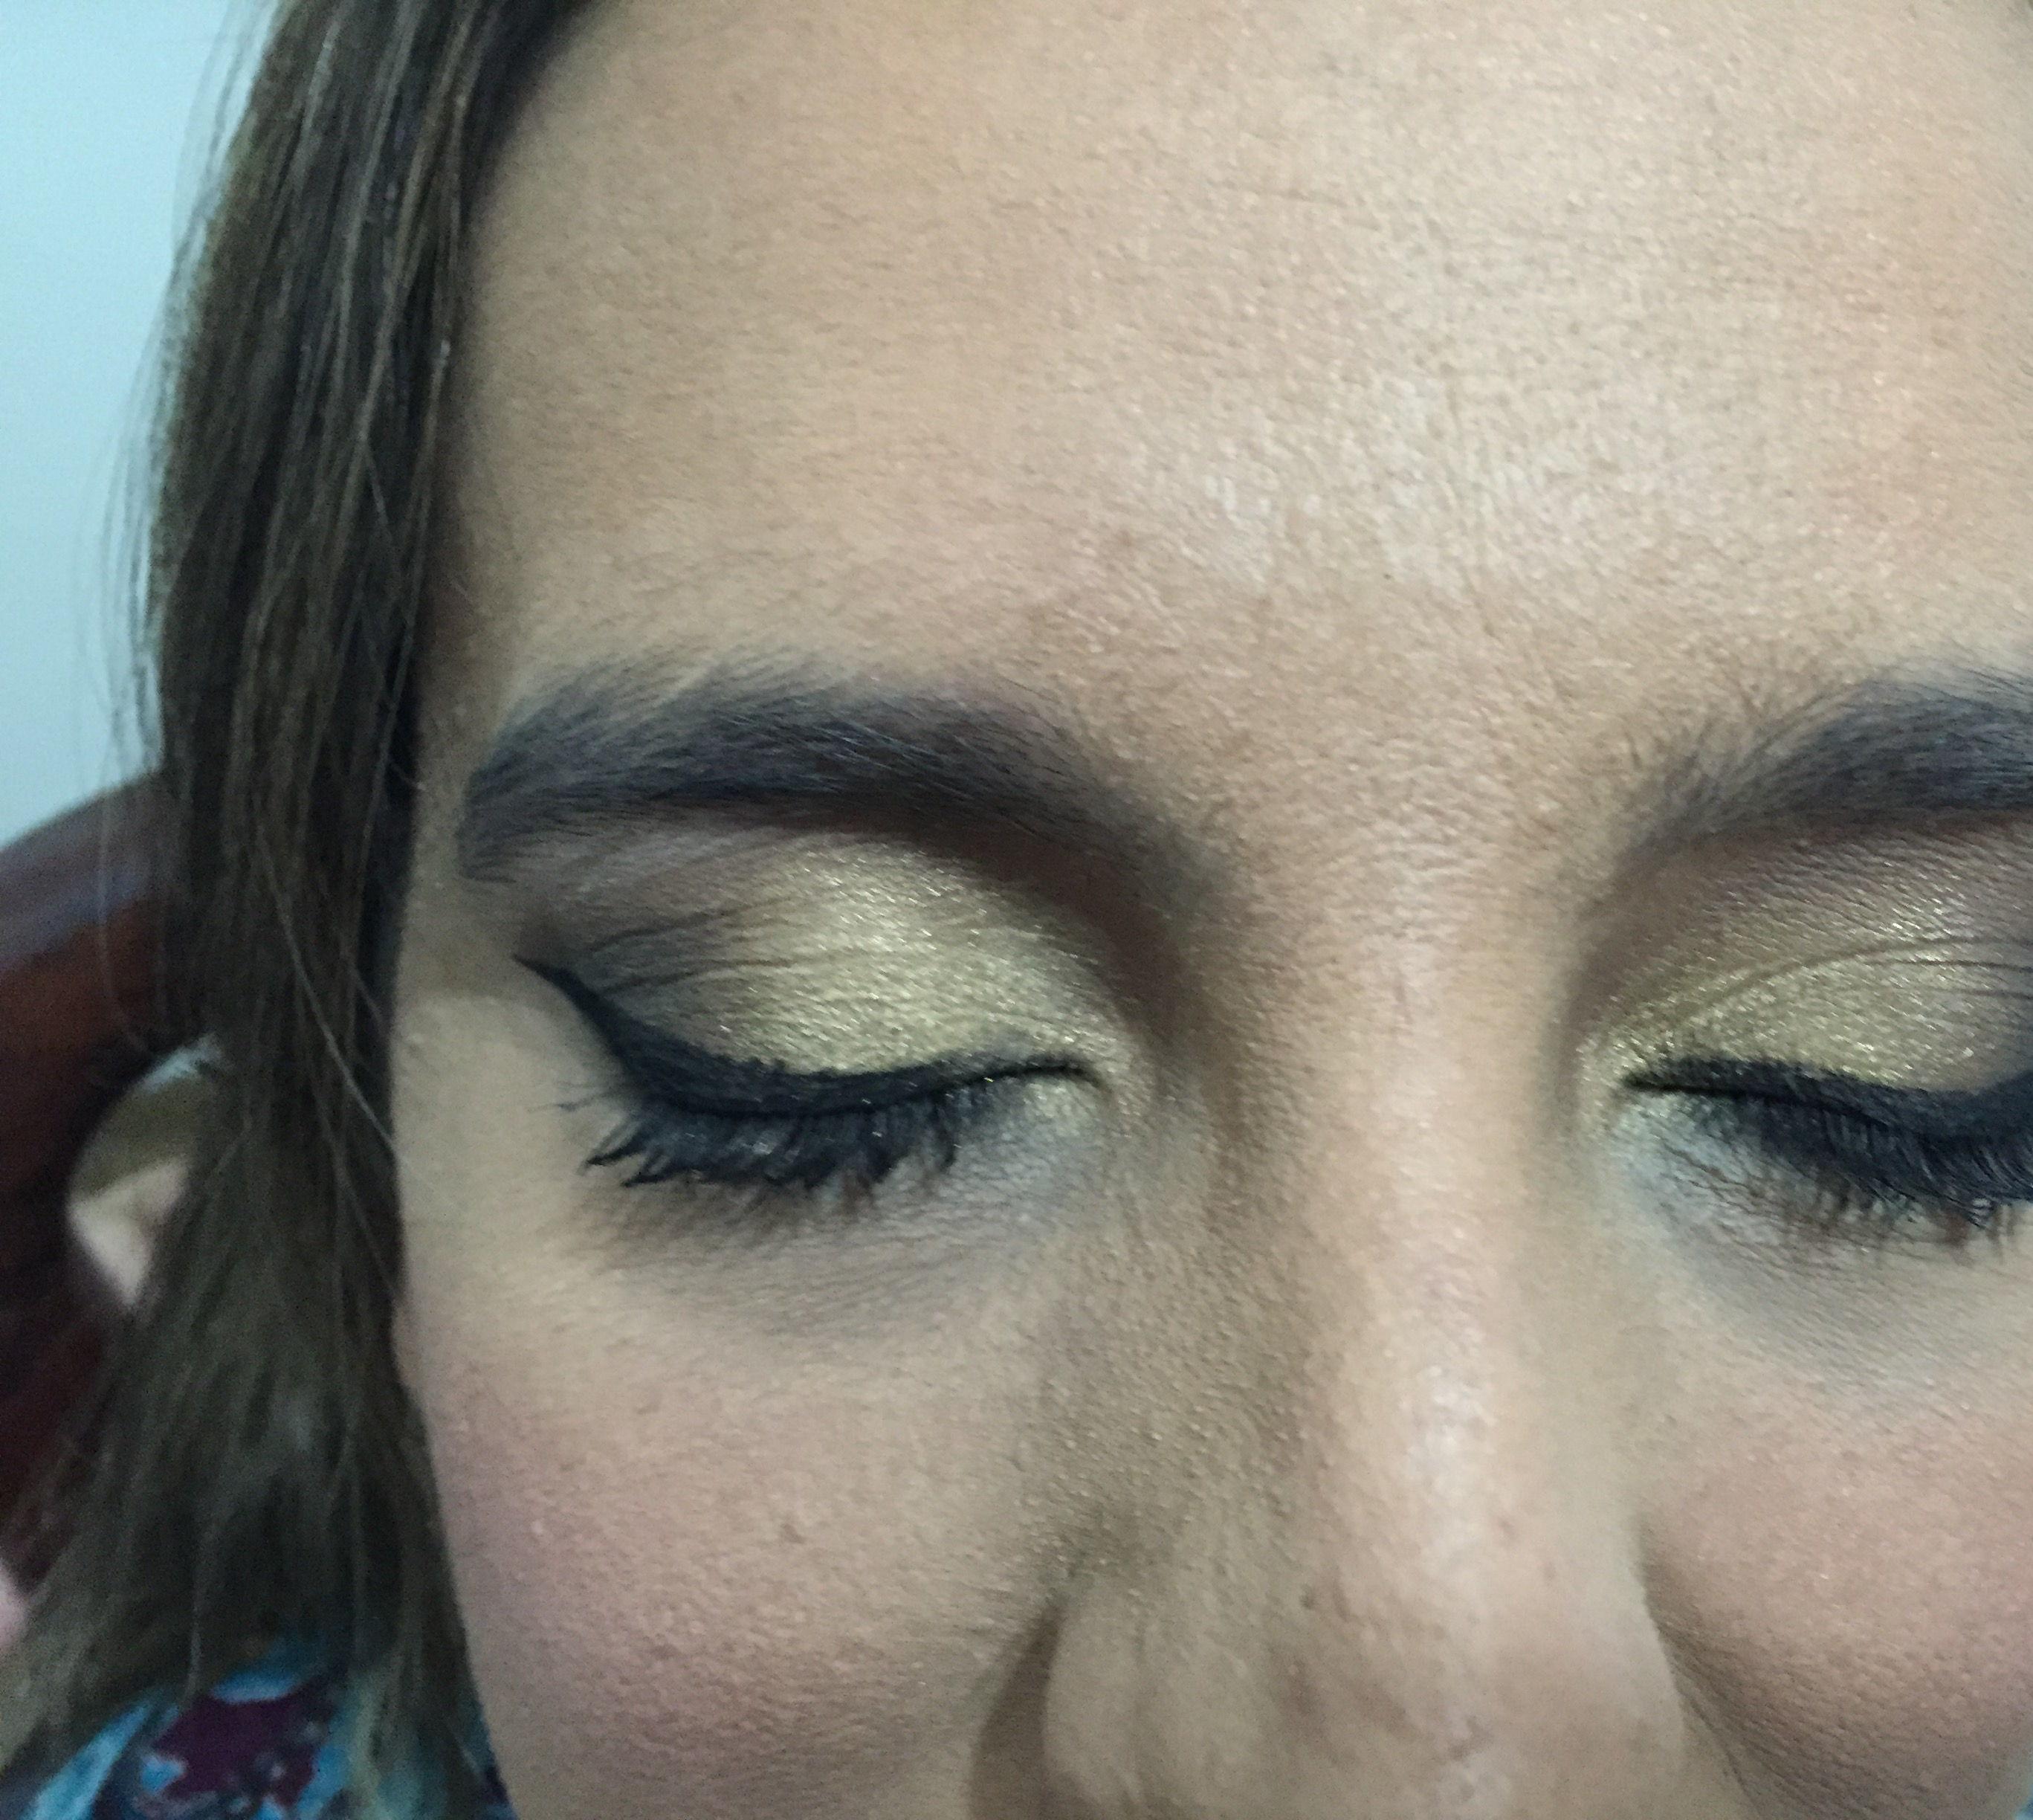 esteticista maquiador(a)